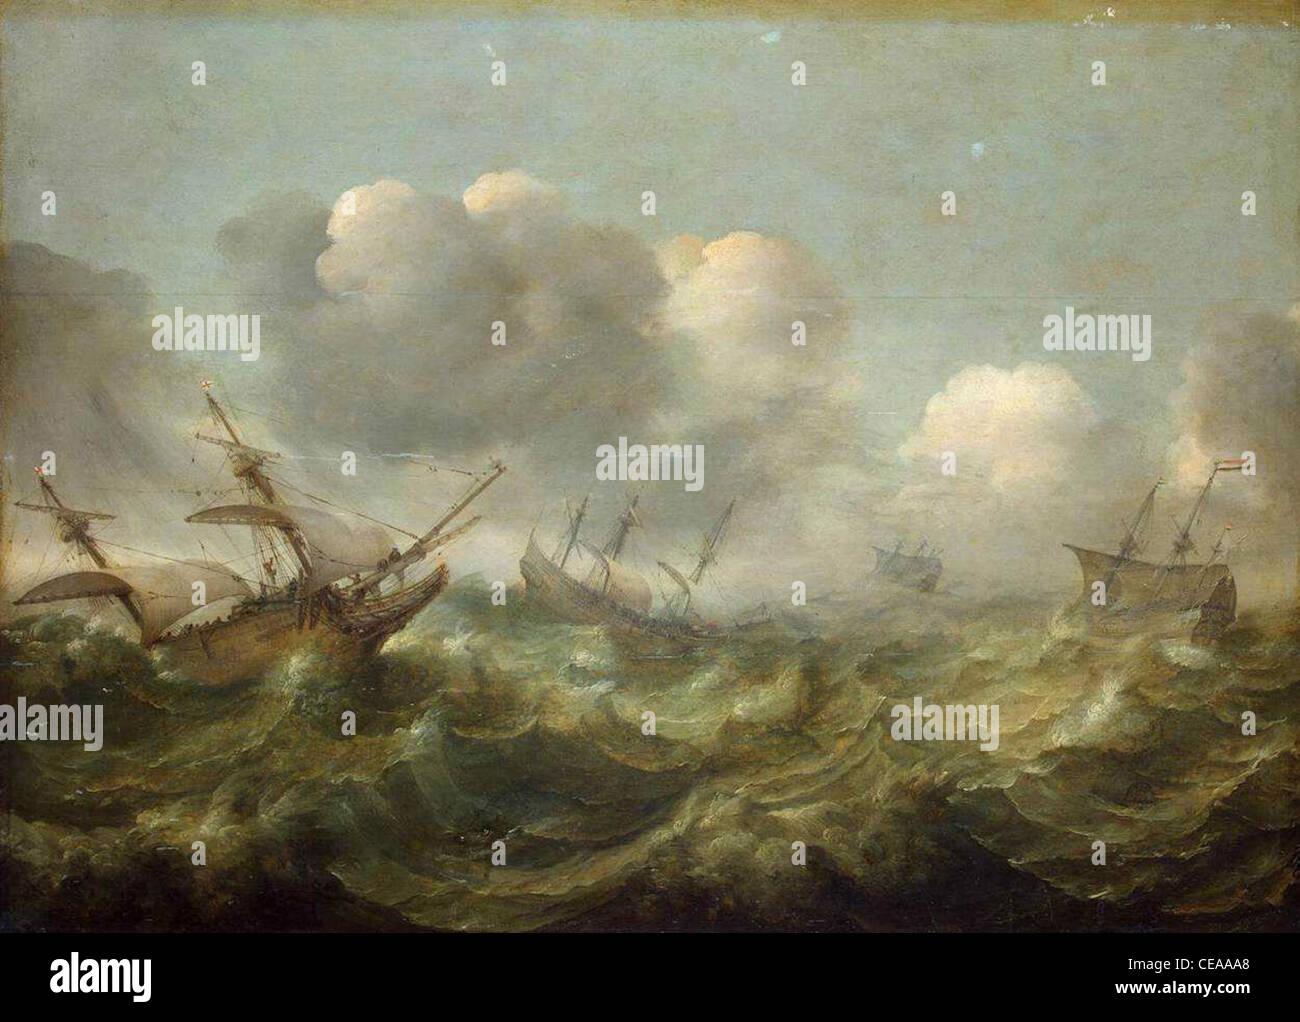 Egli ha dipinto mare tempestoso dal pittore olandese abraham willaerts (1603-1669). olio su pannello, 85 x 114 cm, Immagini Stock